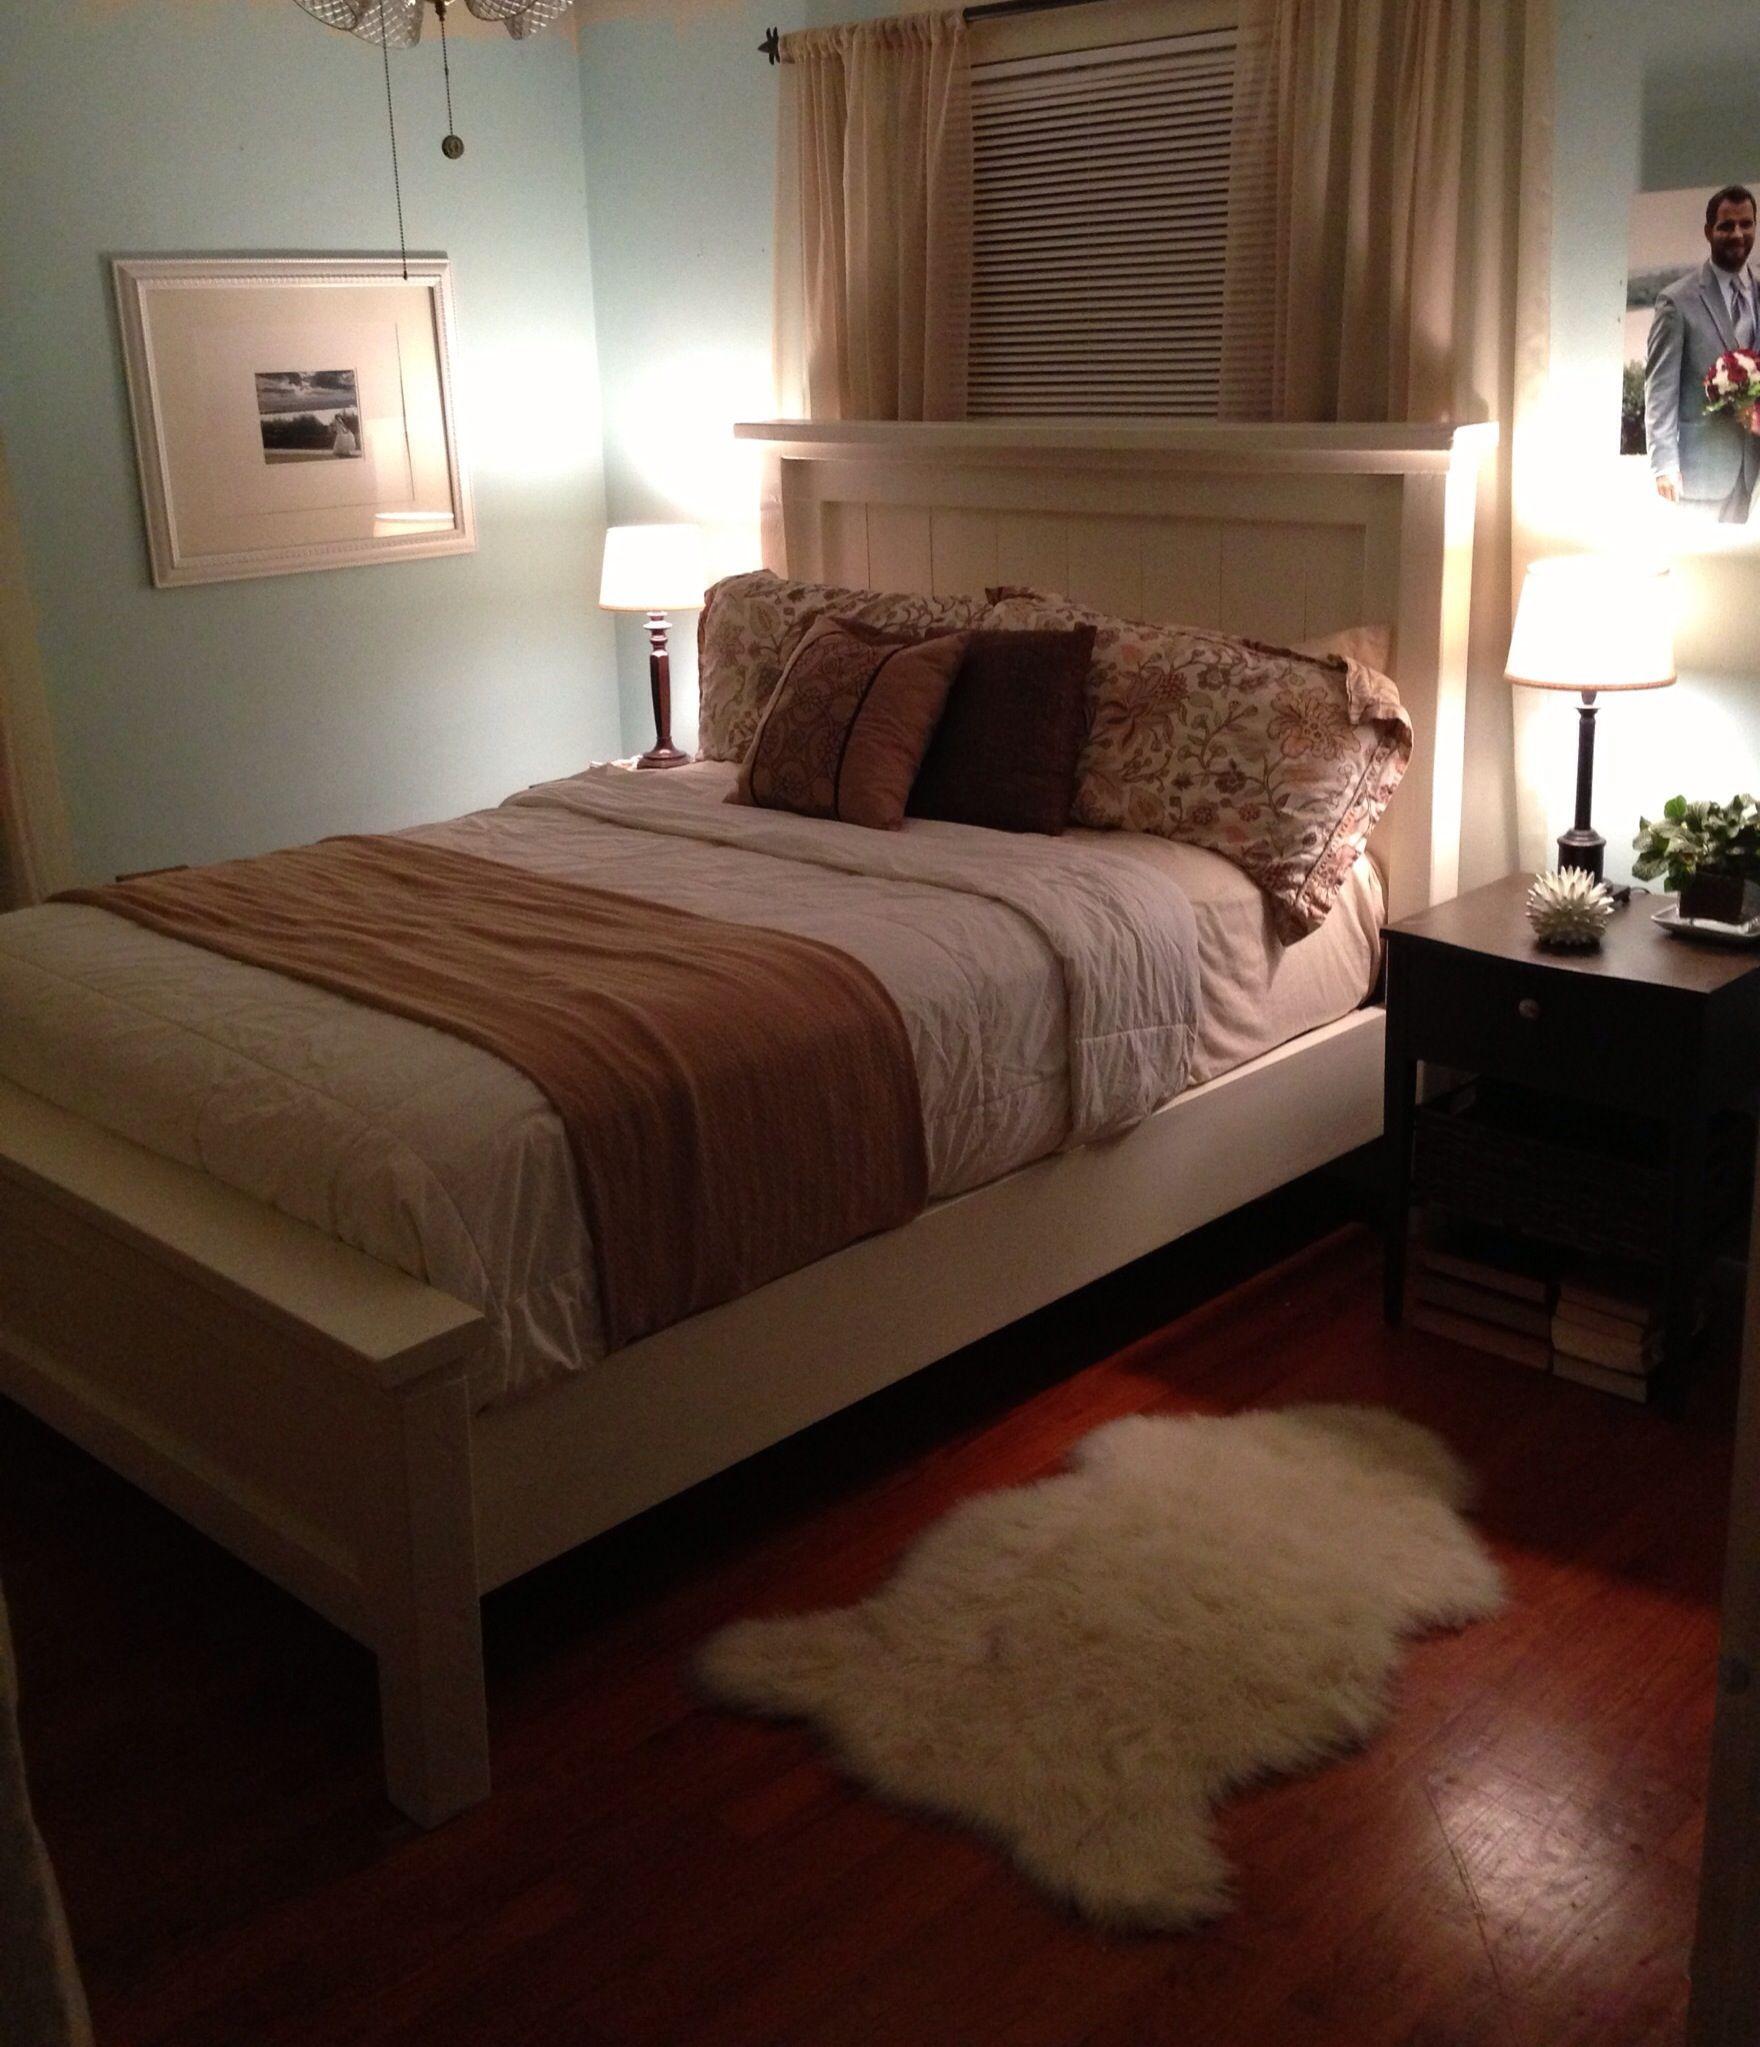 Farmhouse bed Farmhouse bedding, Bed, Home